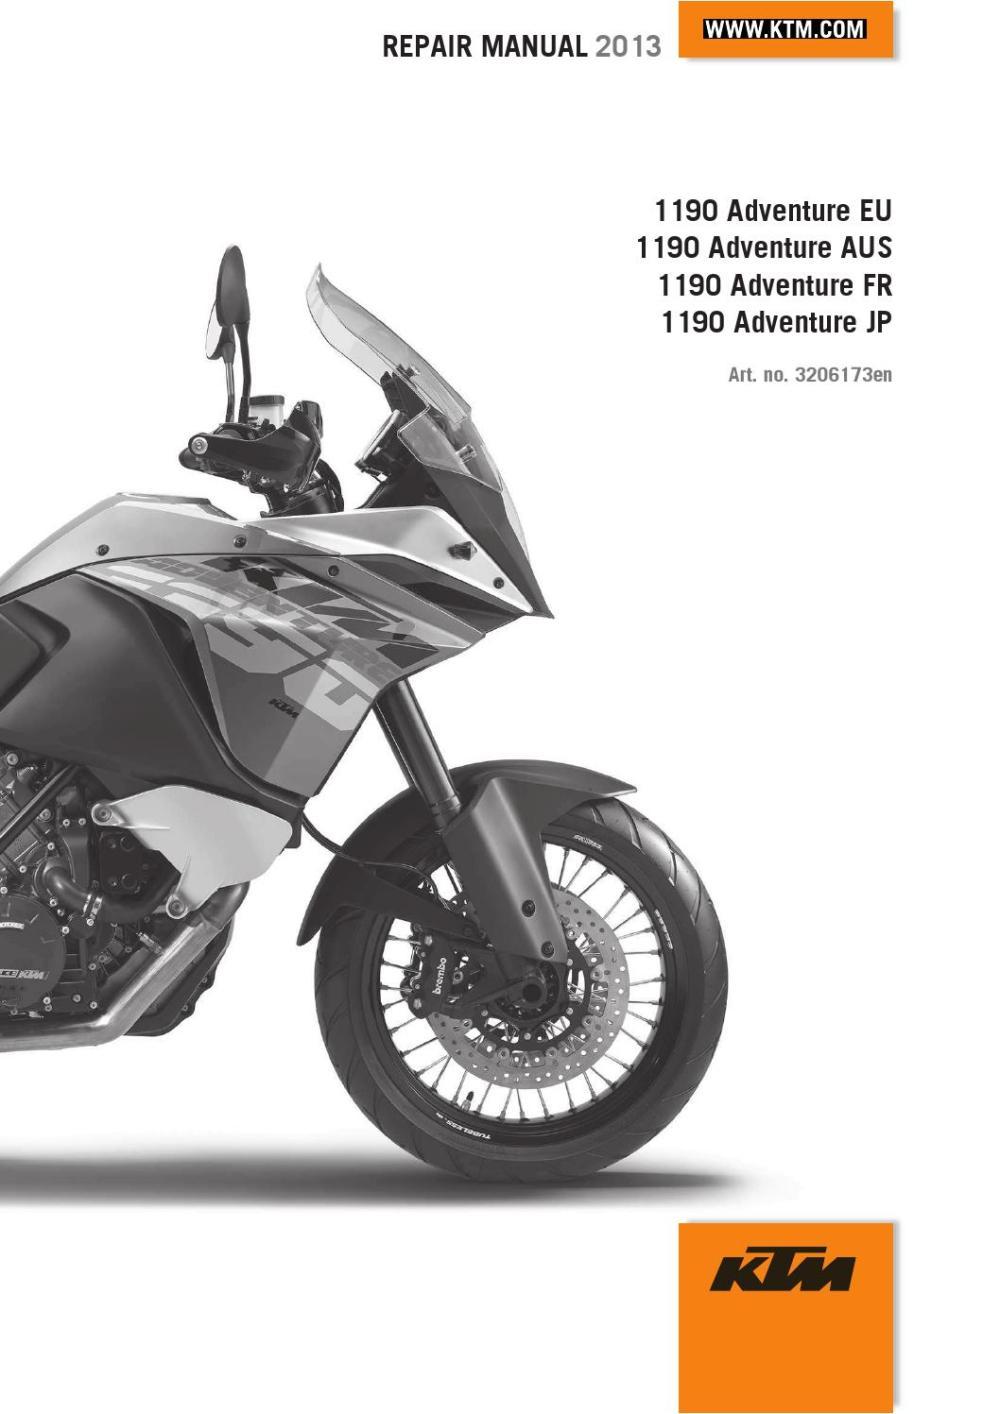 medium resolution of ktm part manual